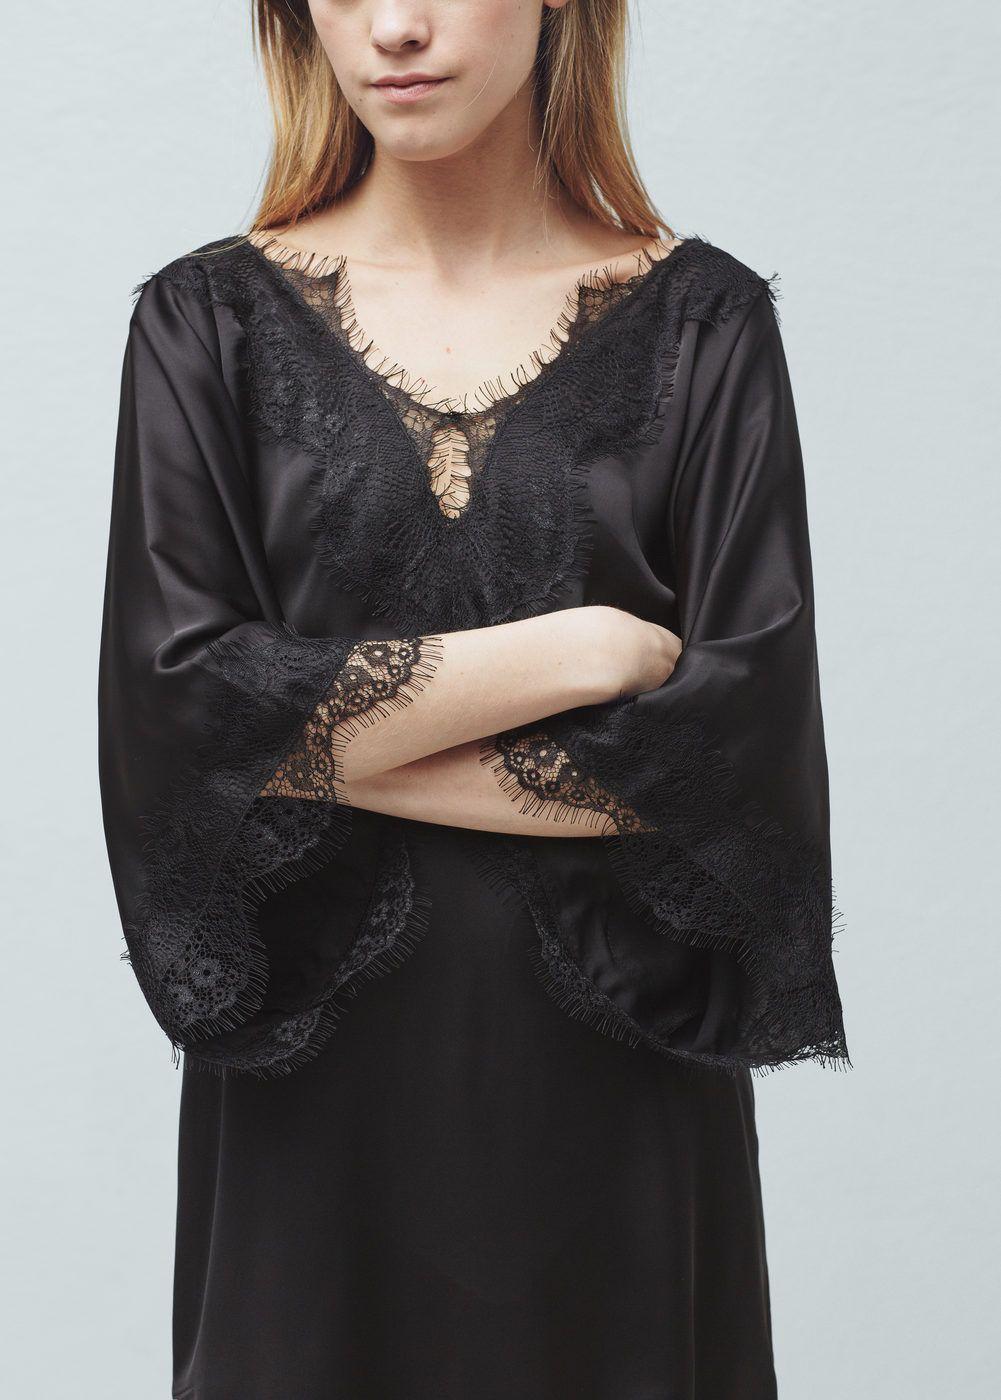 5324d875d22d Kleid mit spitzenborten - Damen   Pinterest   Mango, Für damen und Damen